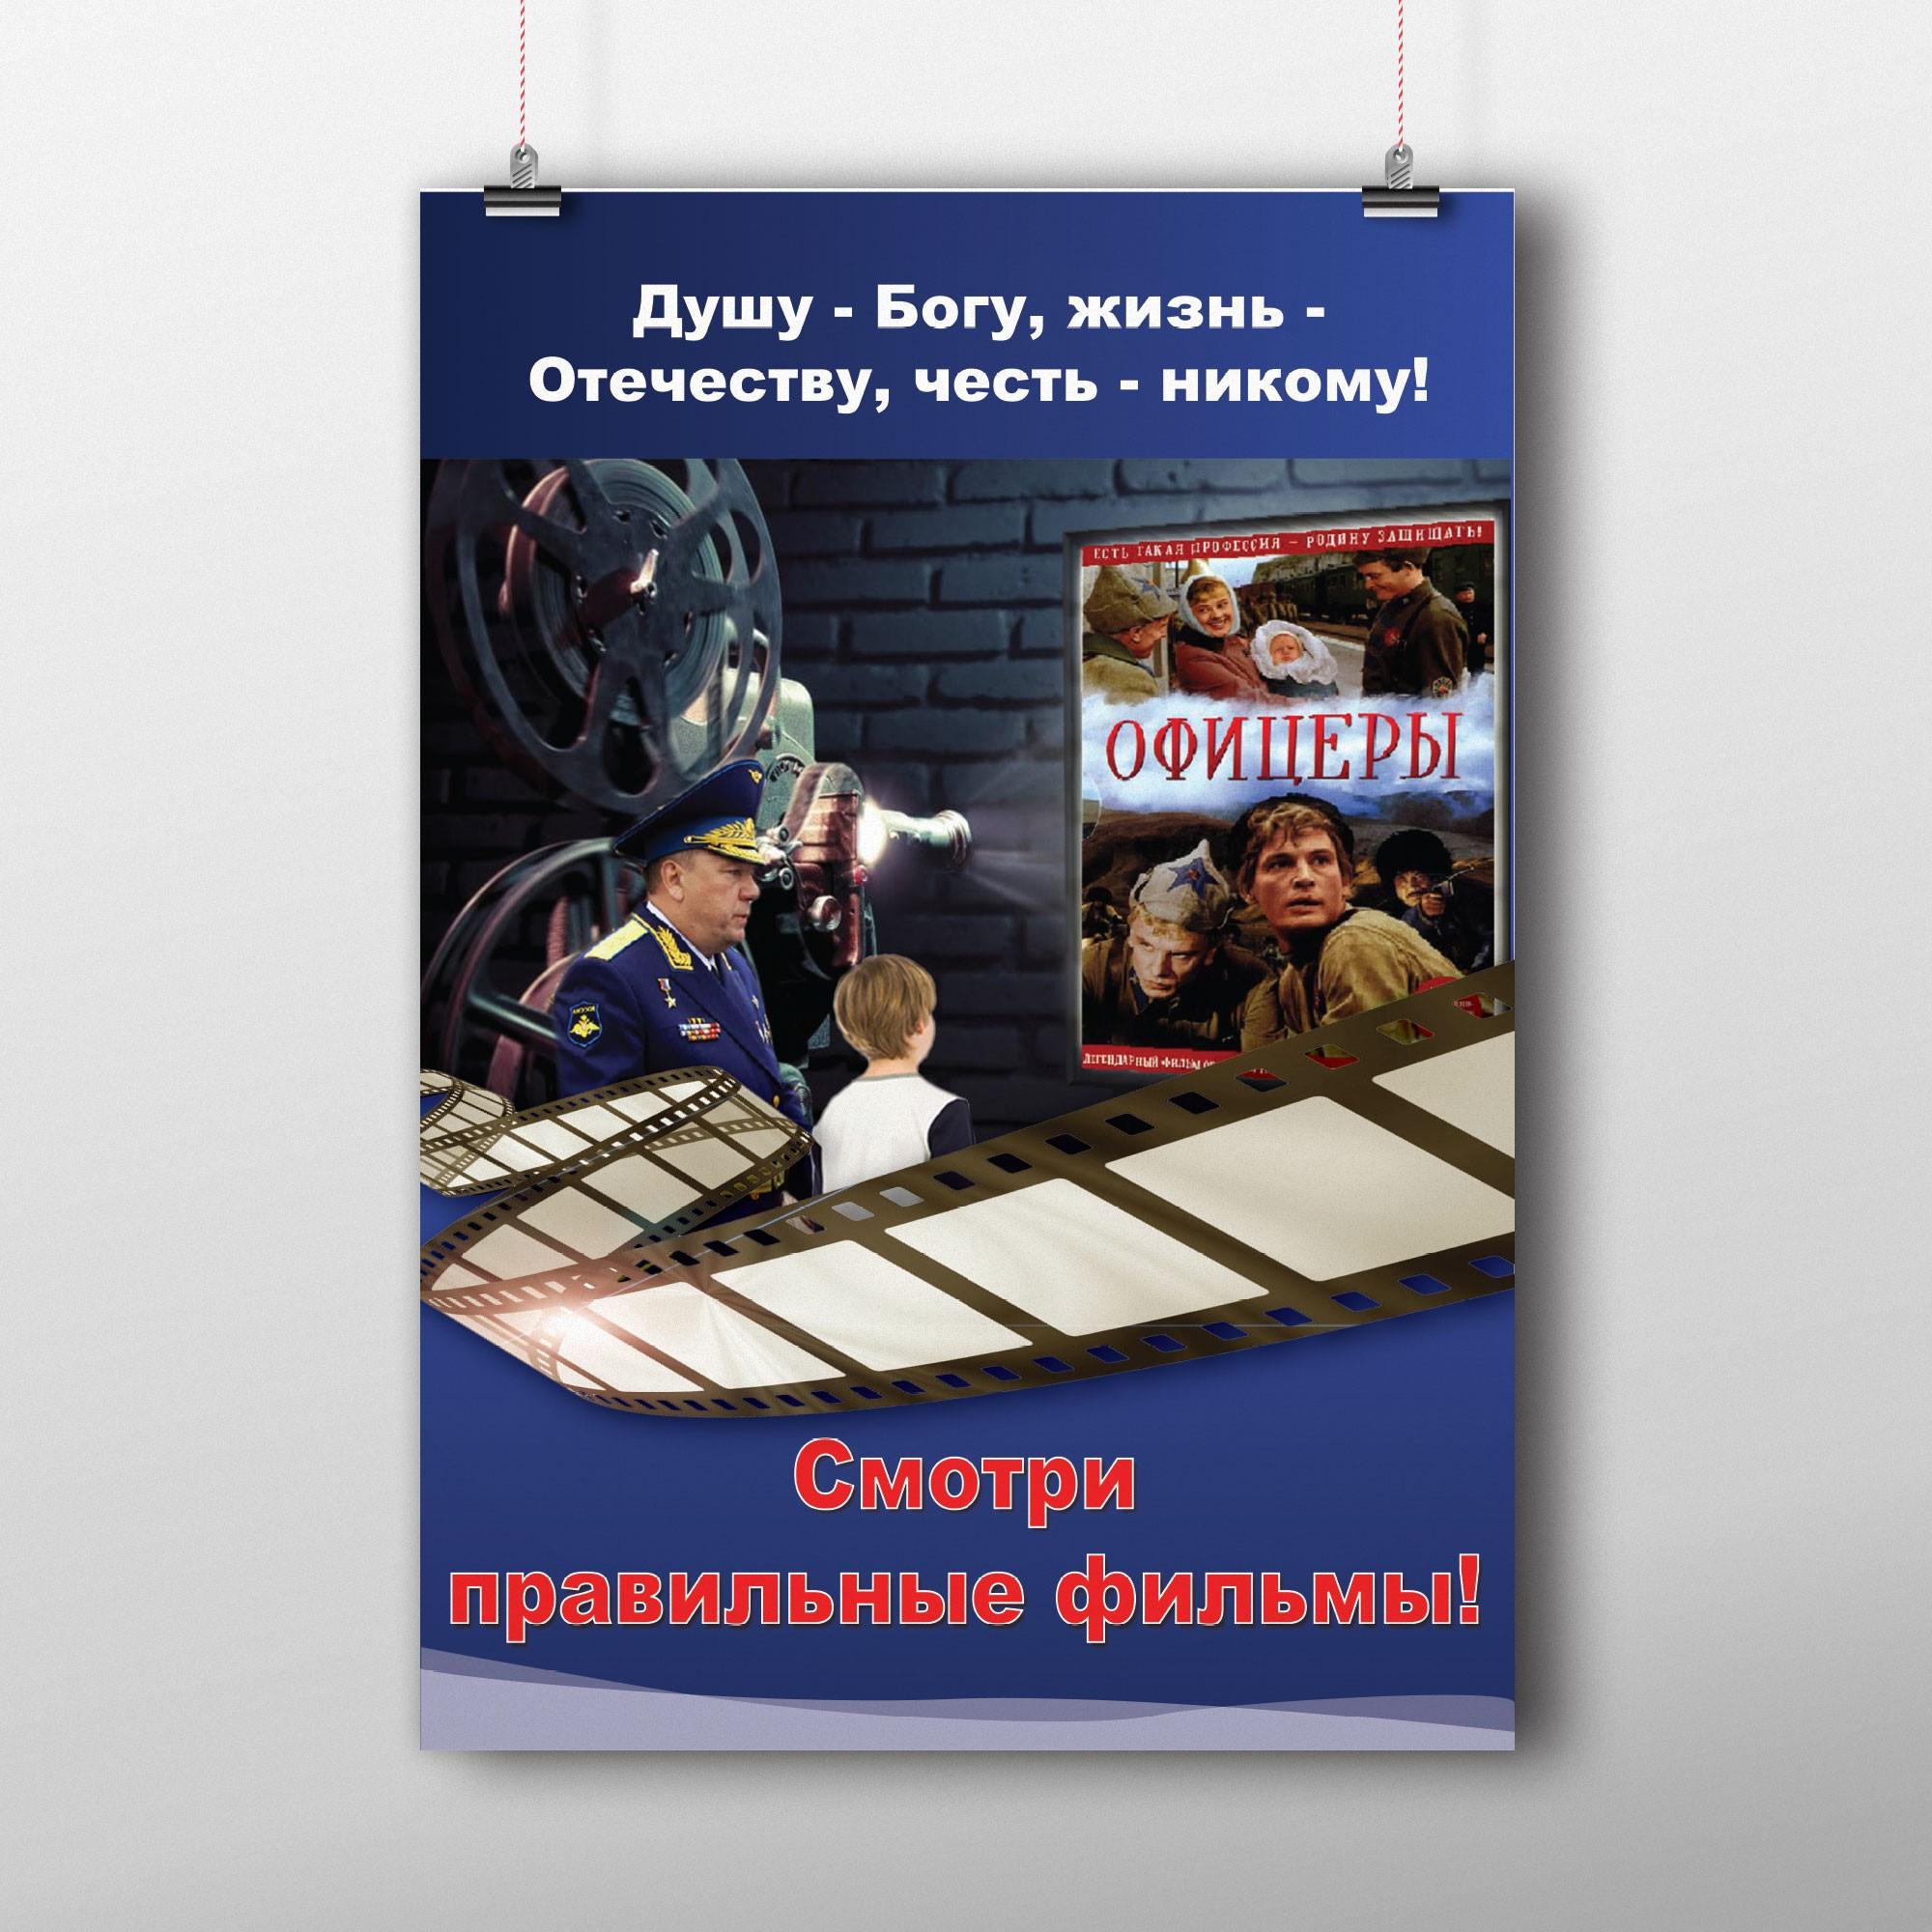 Срочная широкоформатная печать плакатов   фото 2